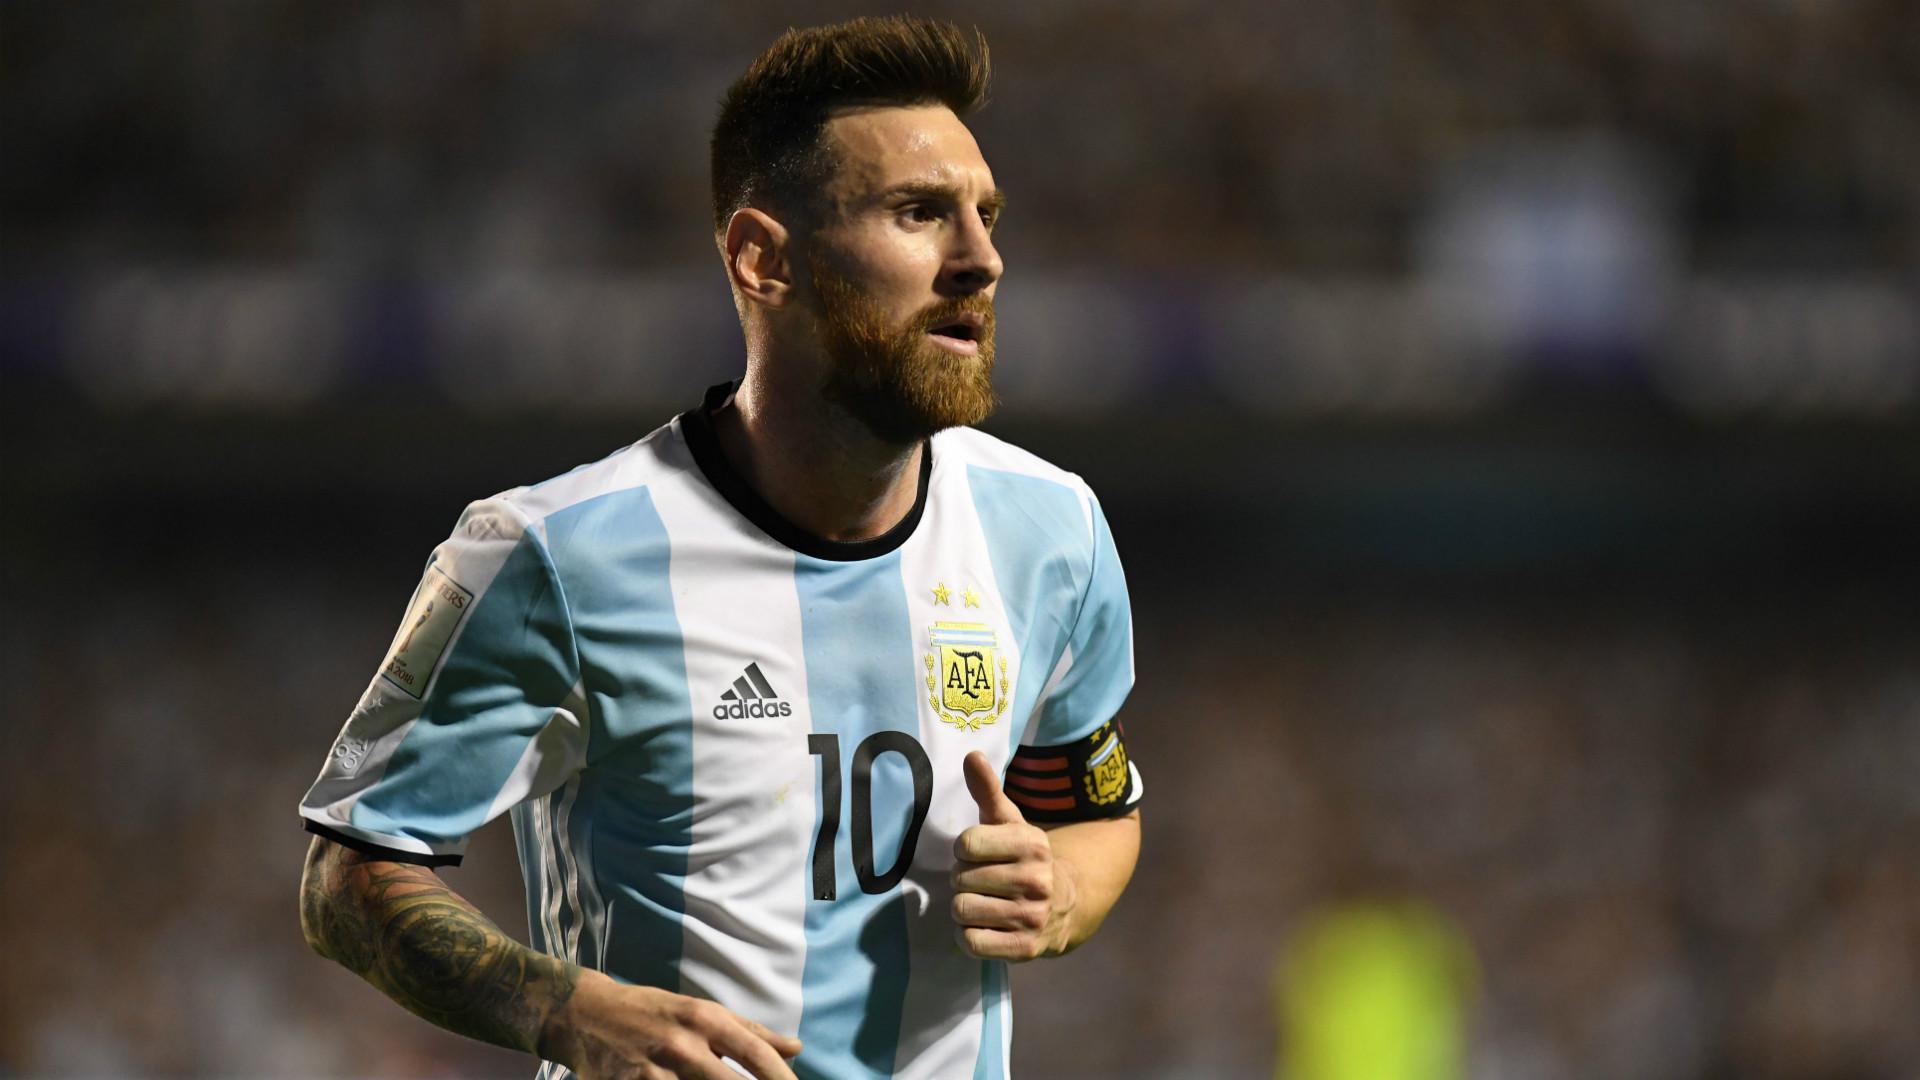 Messi exibe coleção de camisas. Nada de Cristiano Ronaldo